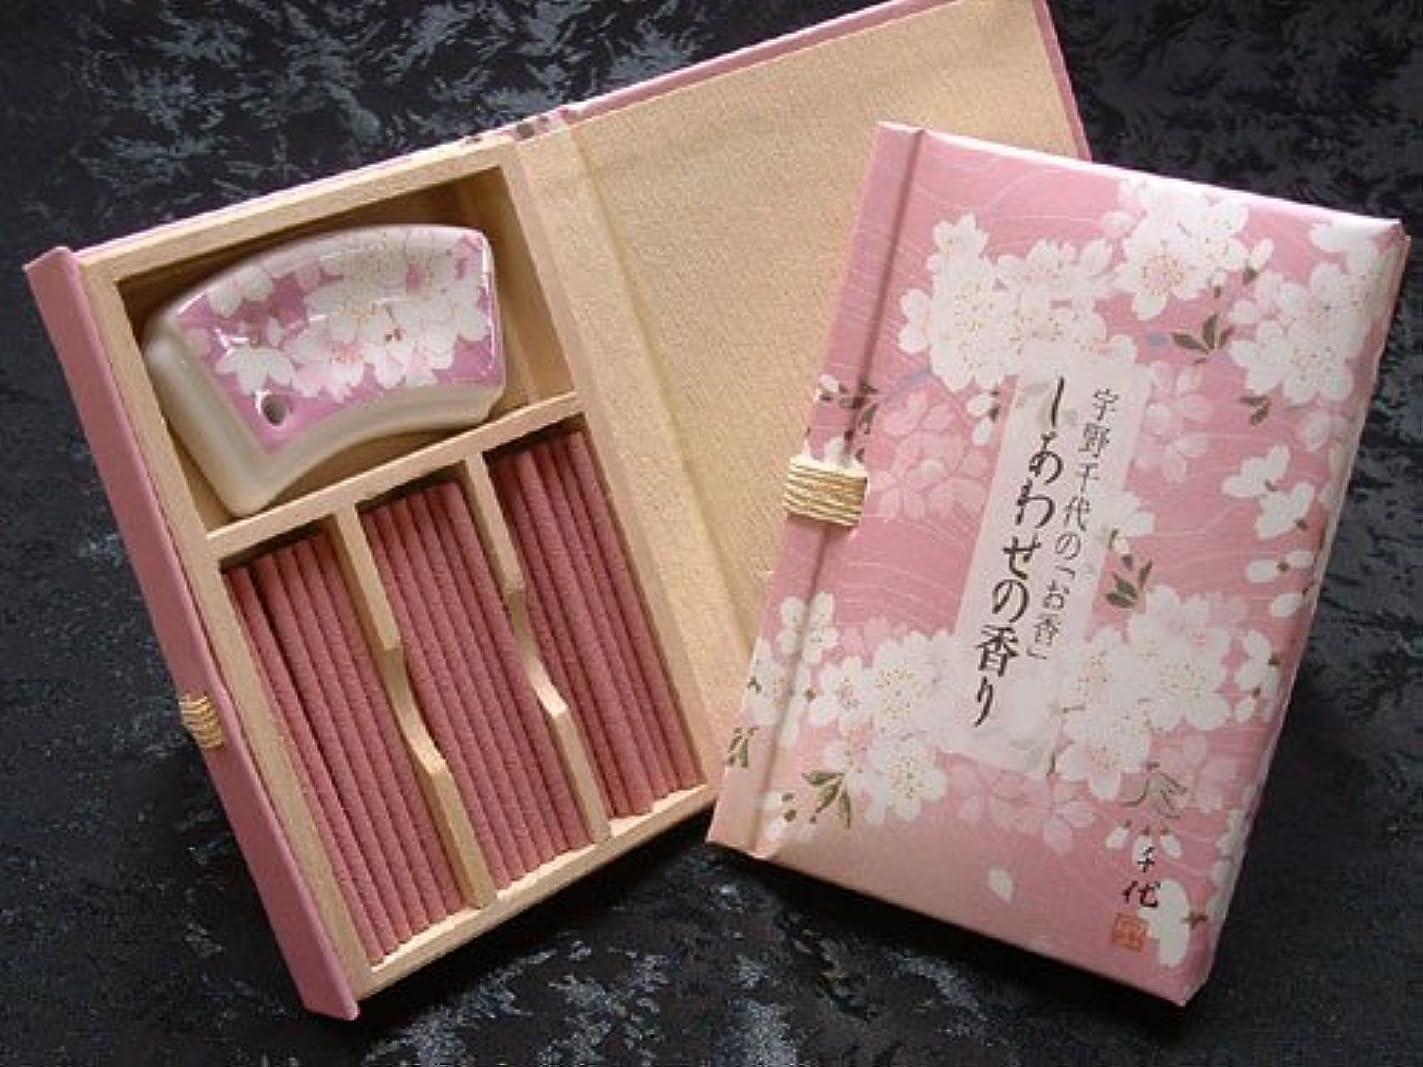 差別化するビート居眠りする日本香堂のお香 宇野千代 しあわせの香り 文庫型 スティック36本入り